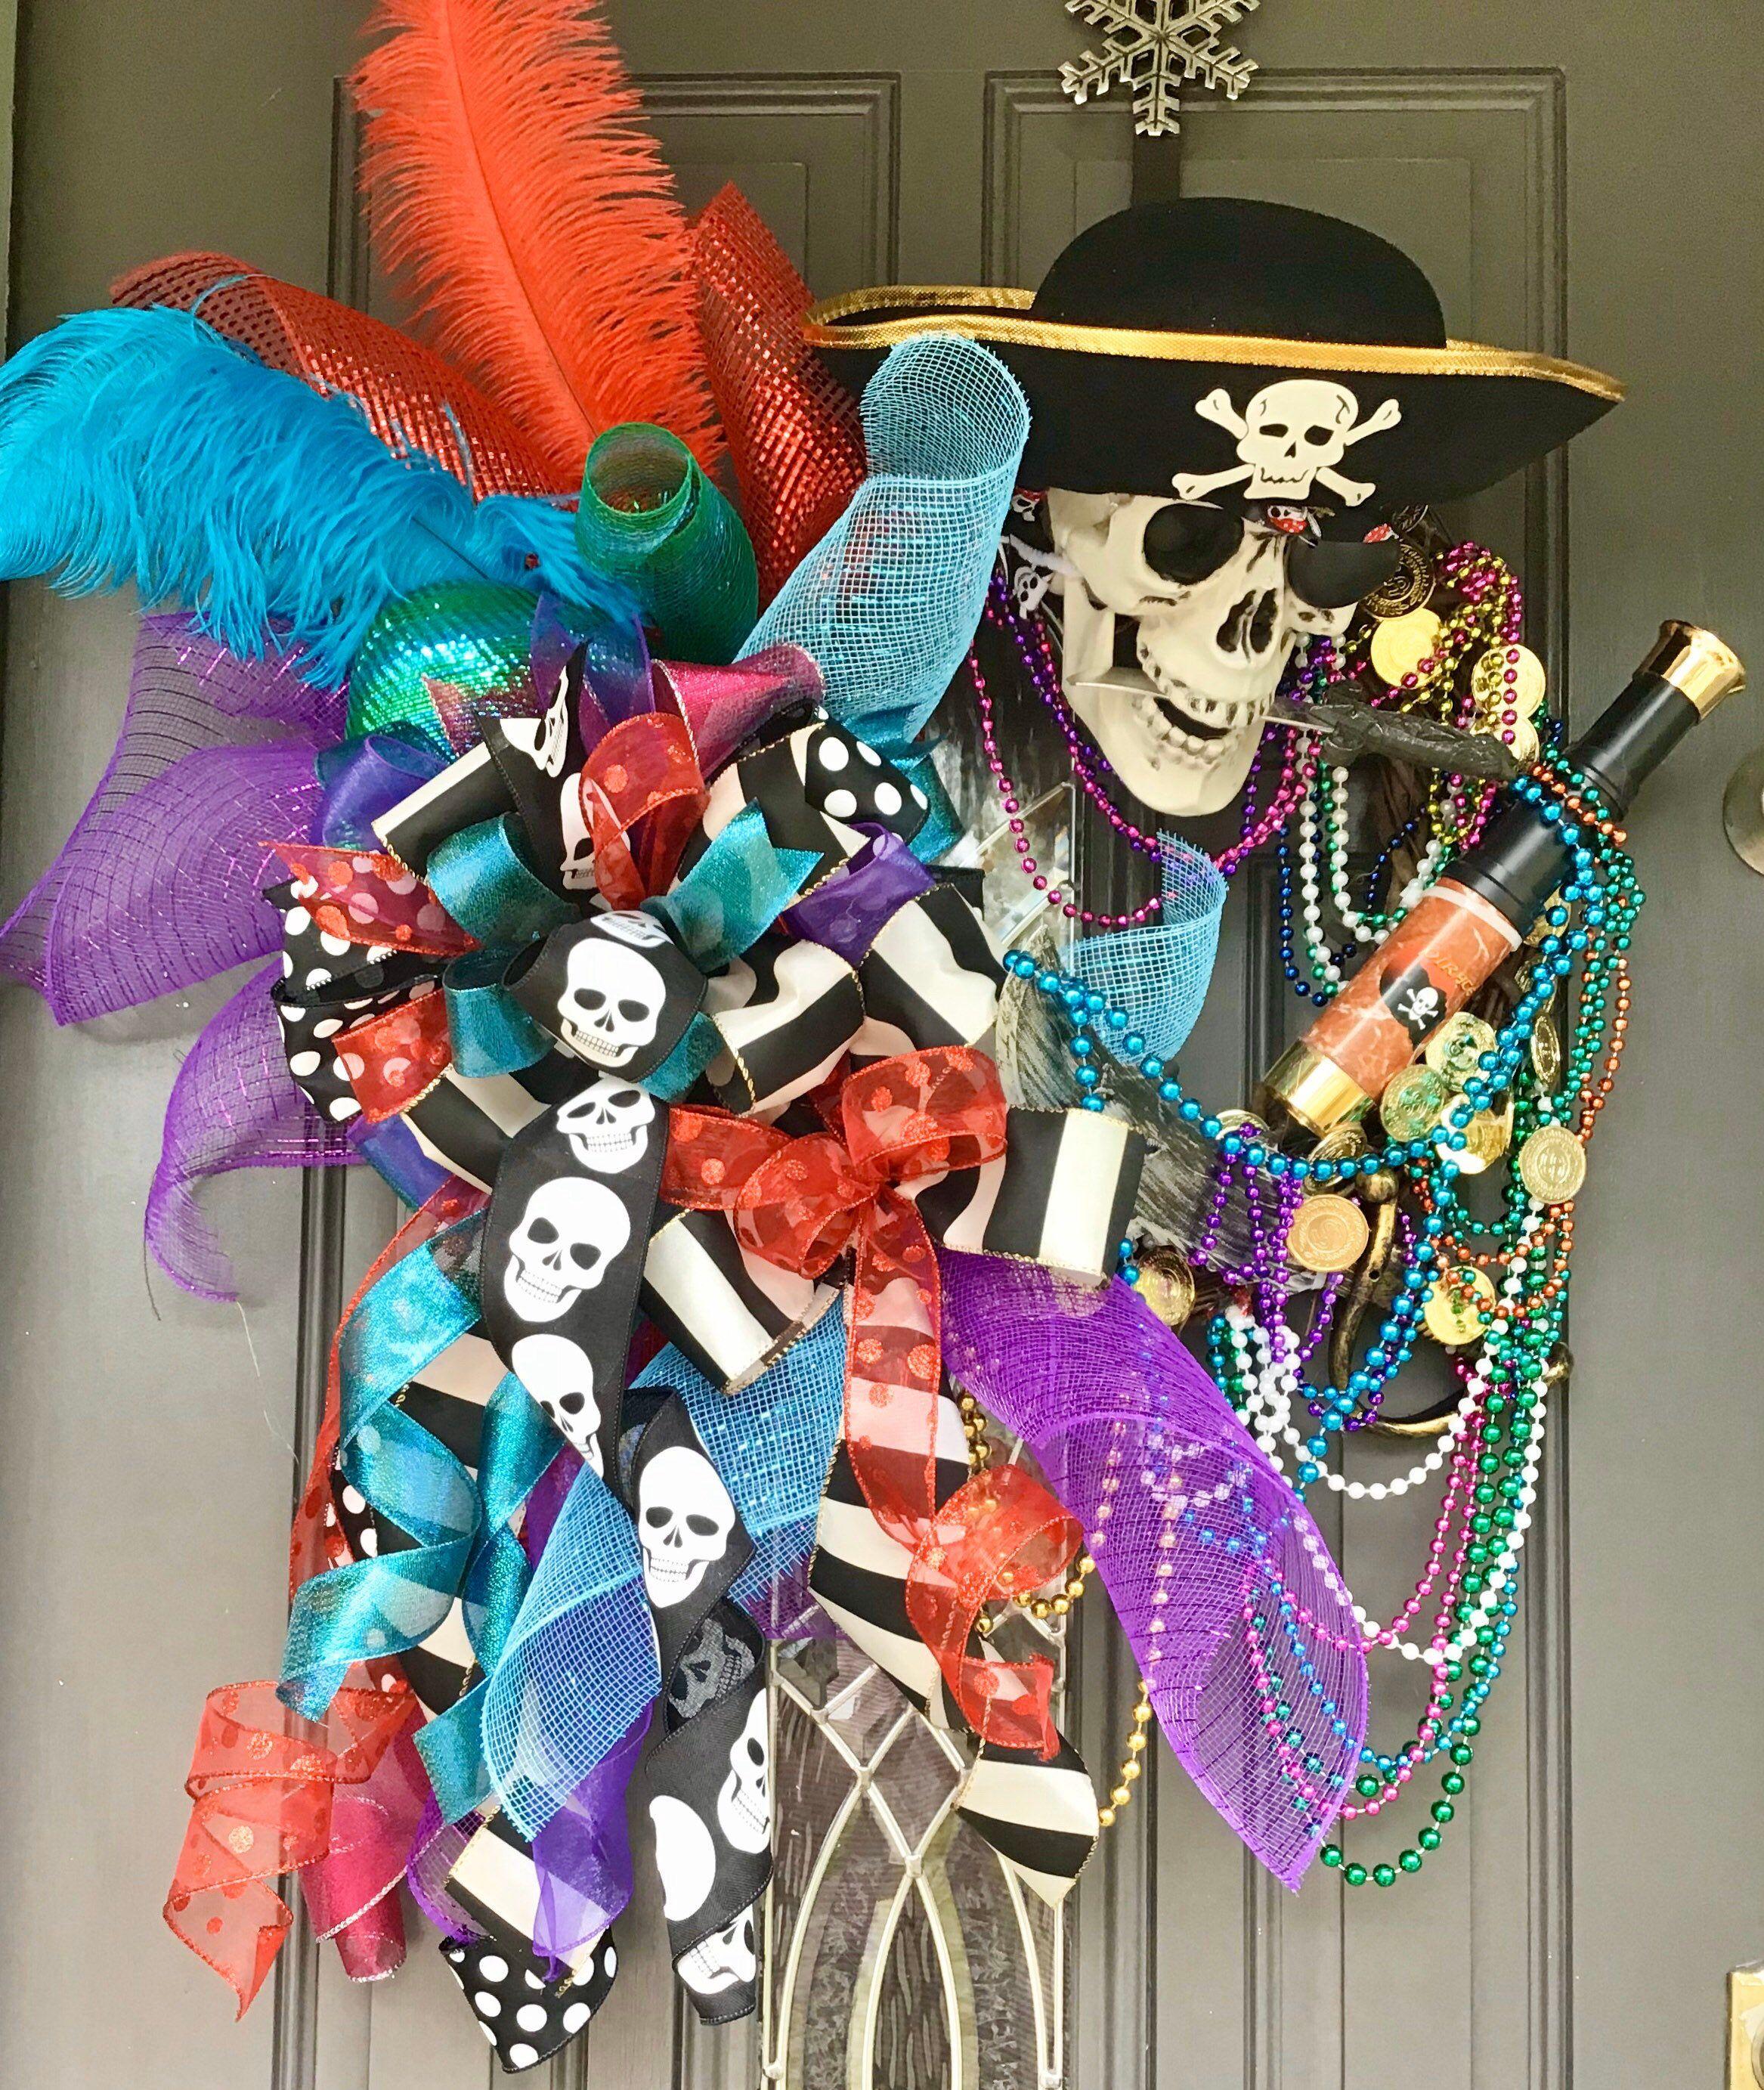 Pirate Bay Halloween 2020 Gasparilla Wreath, Pirate Decor, Gasparilla Decor, Pirate Invasion